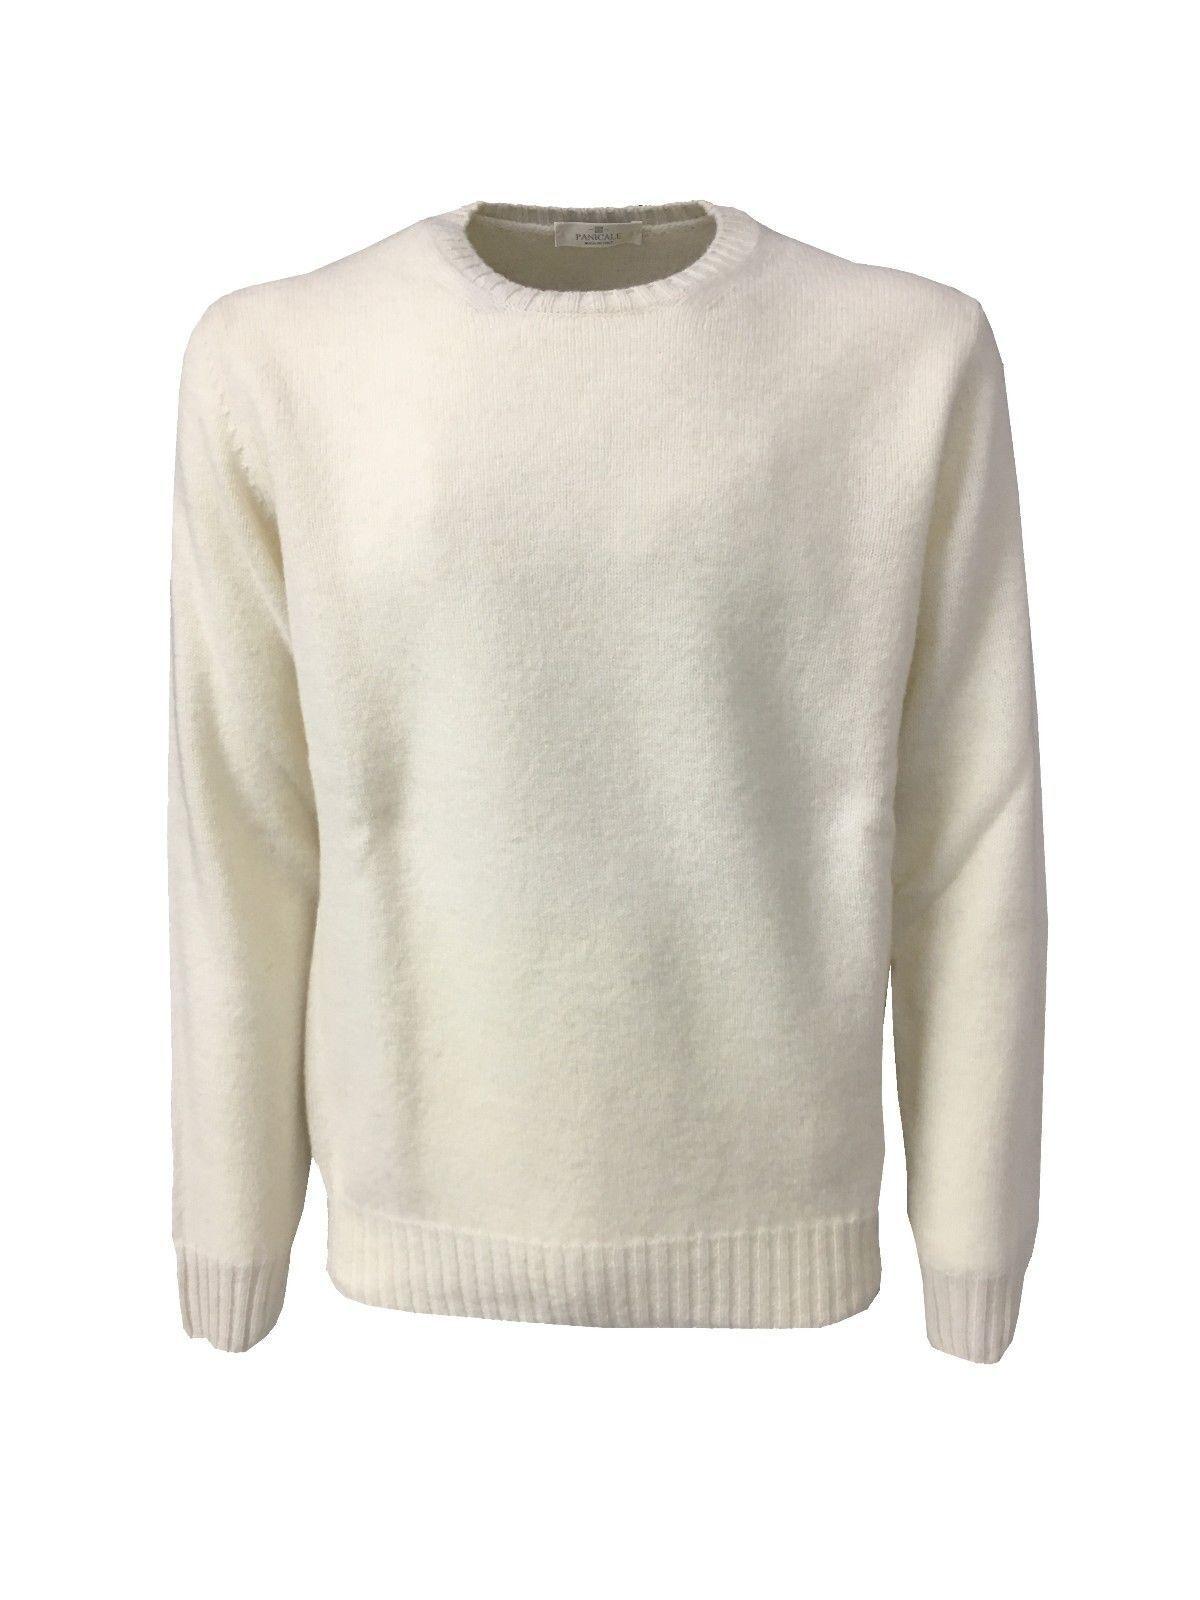 PANICALE maglia uomo girocollo 100% lana mod mod mod U21461G M  MADE IN ITALY b521ed